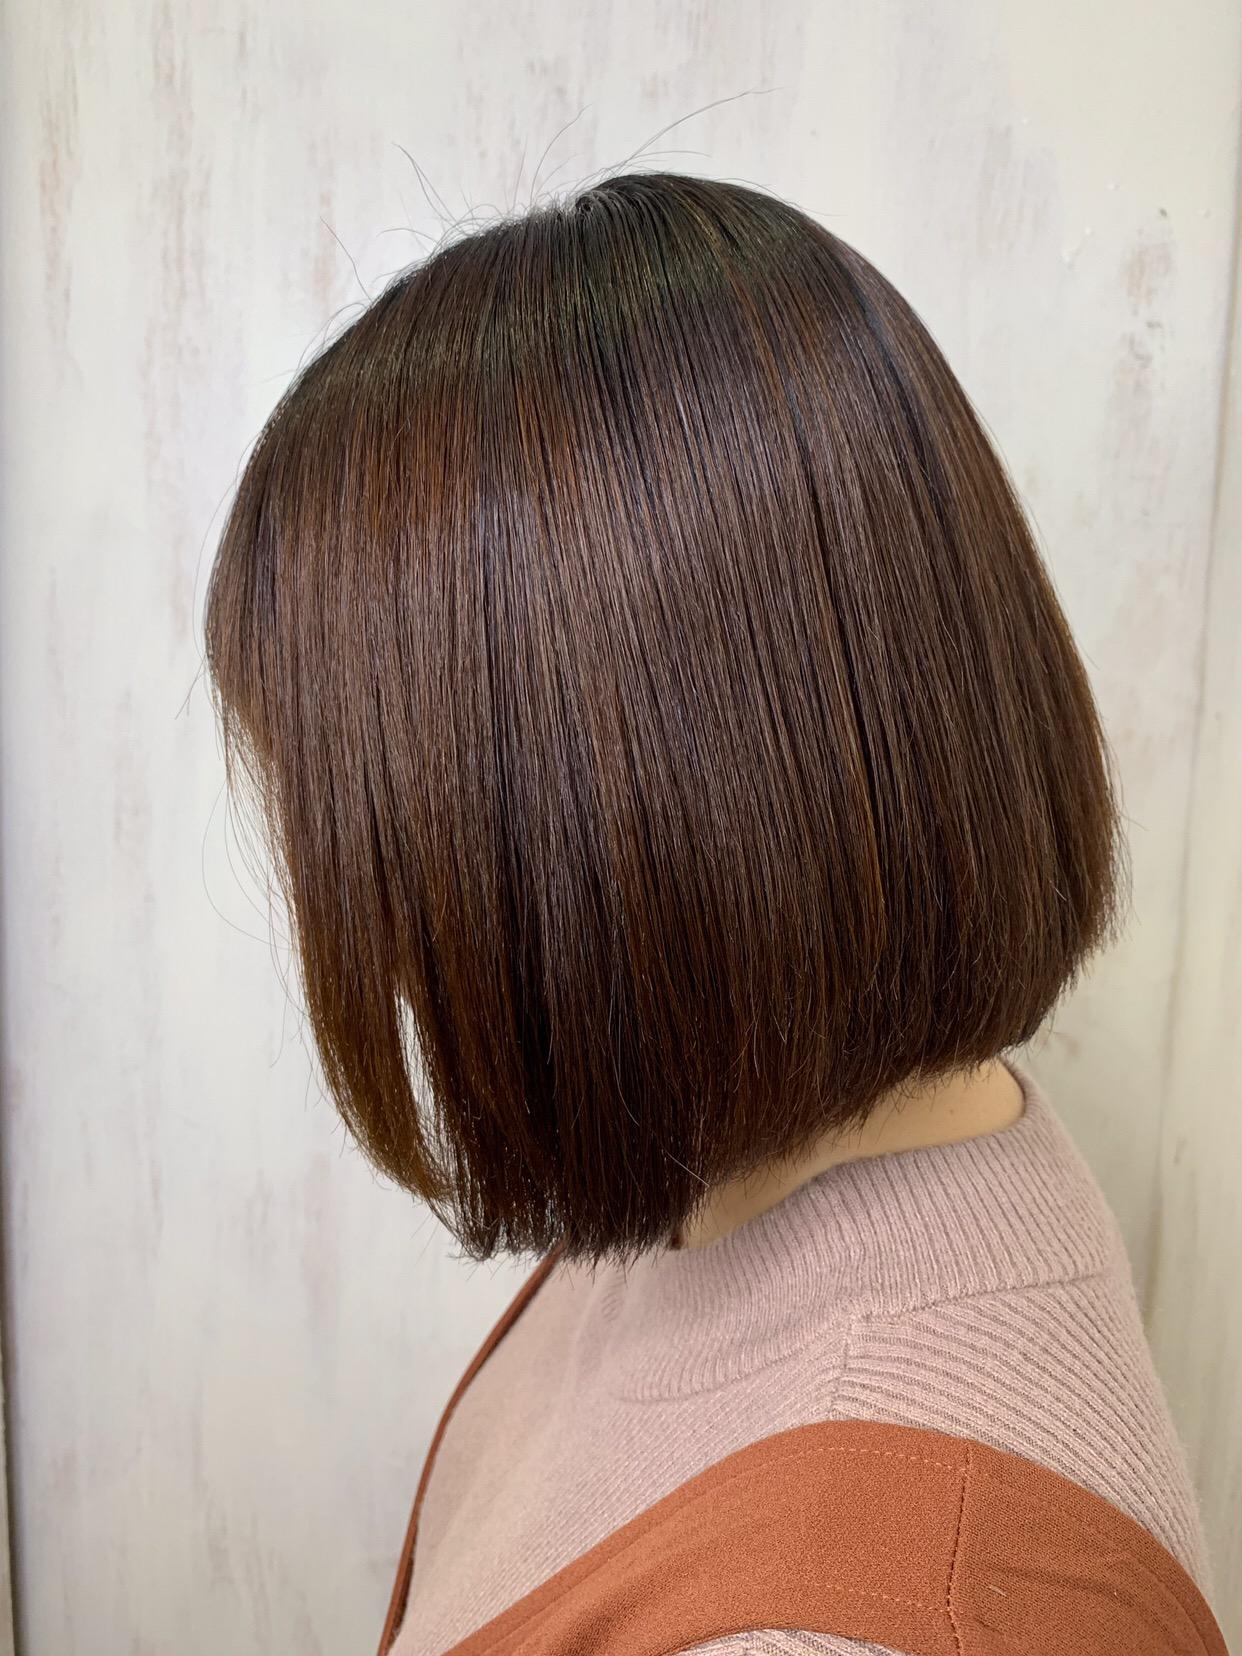 ジュエリーシステム×LULUトリートメント×縮毛矯正つやっつやの艶髪。原宿・表参道『1000人をツヤ髪にヘアケア美容師の挑戦』